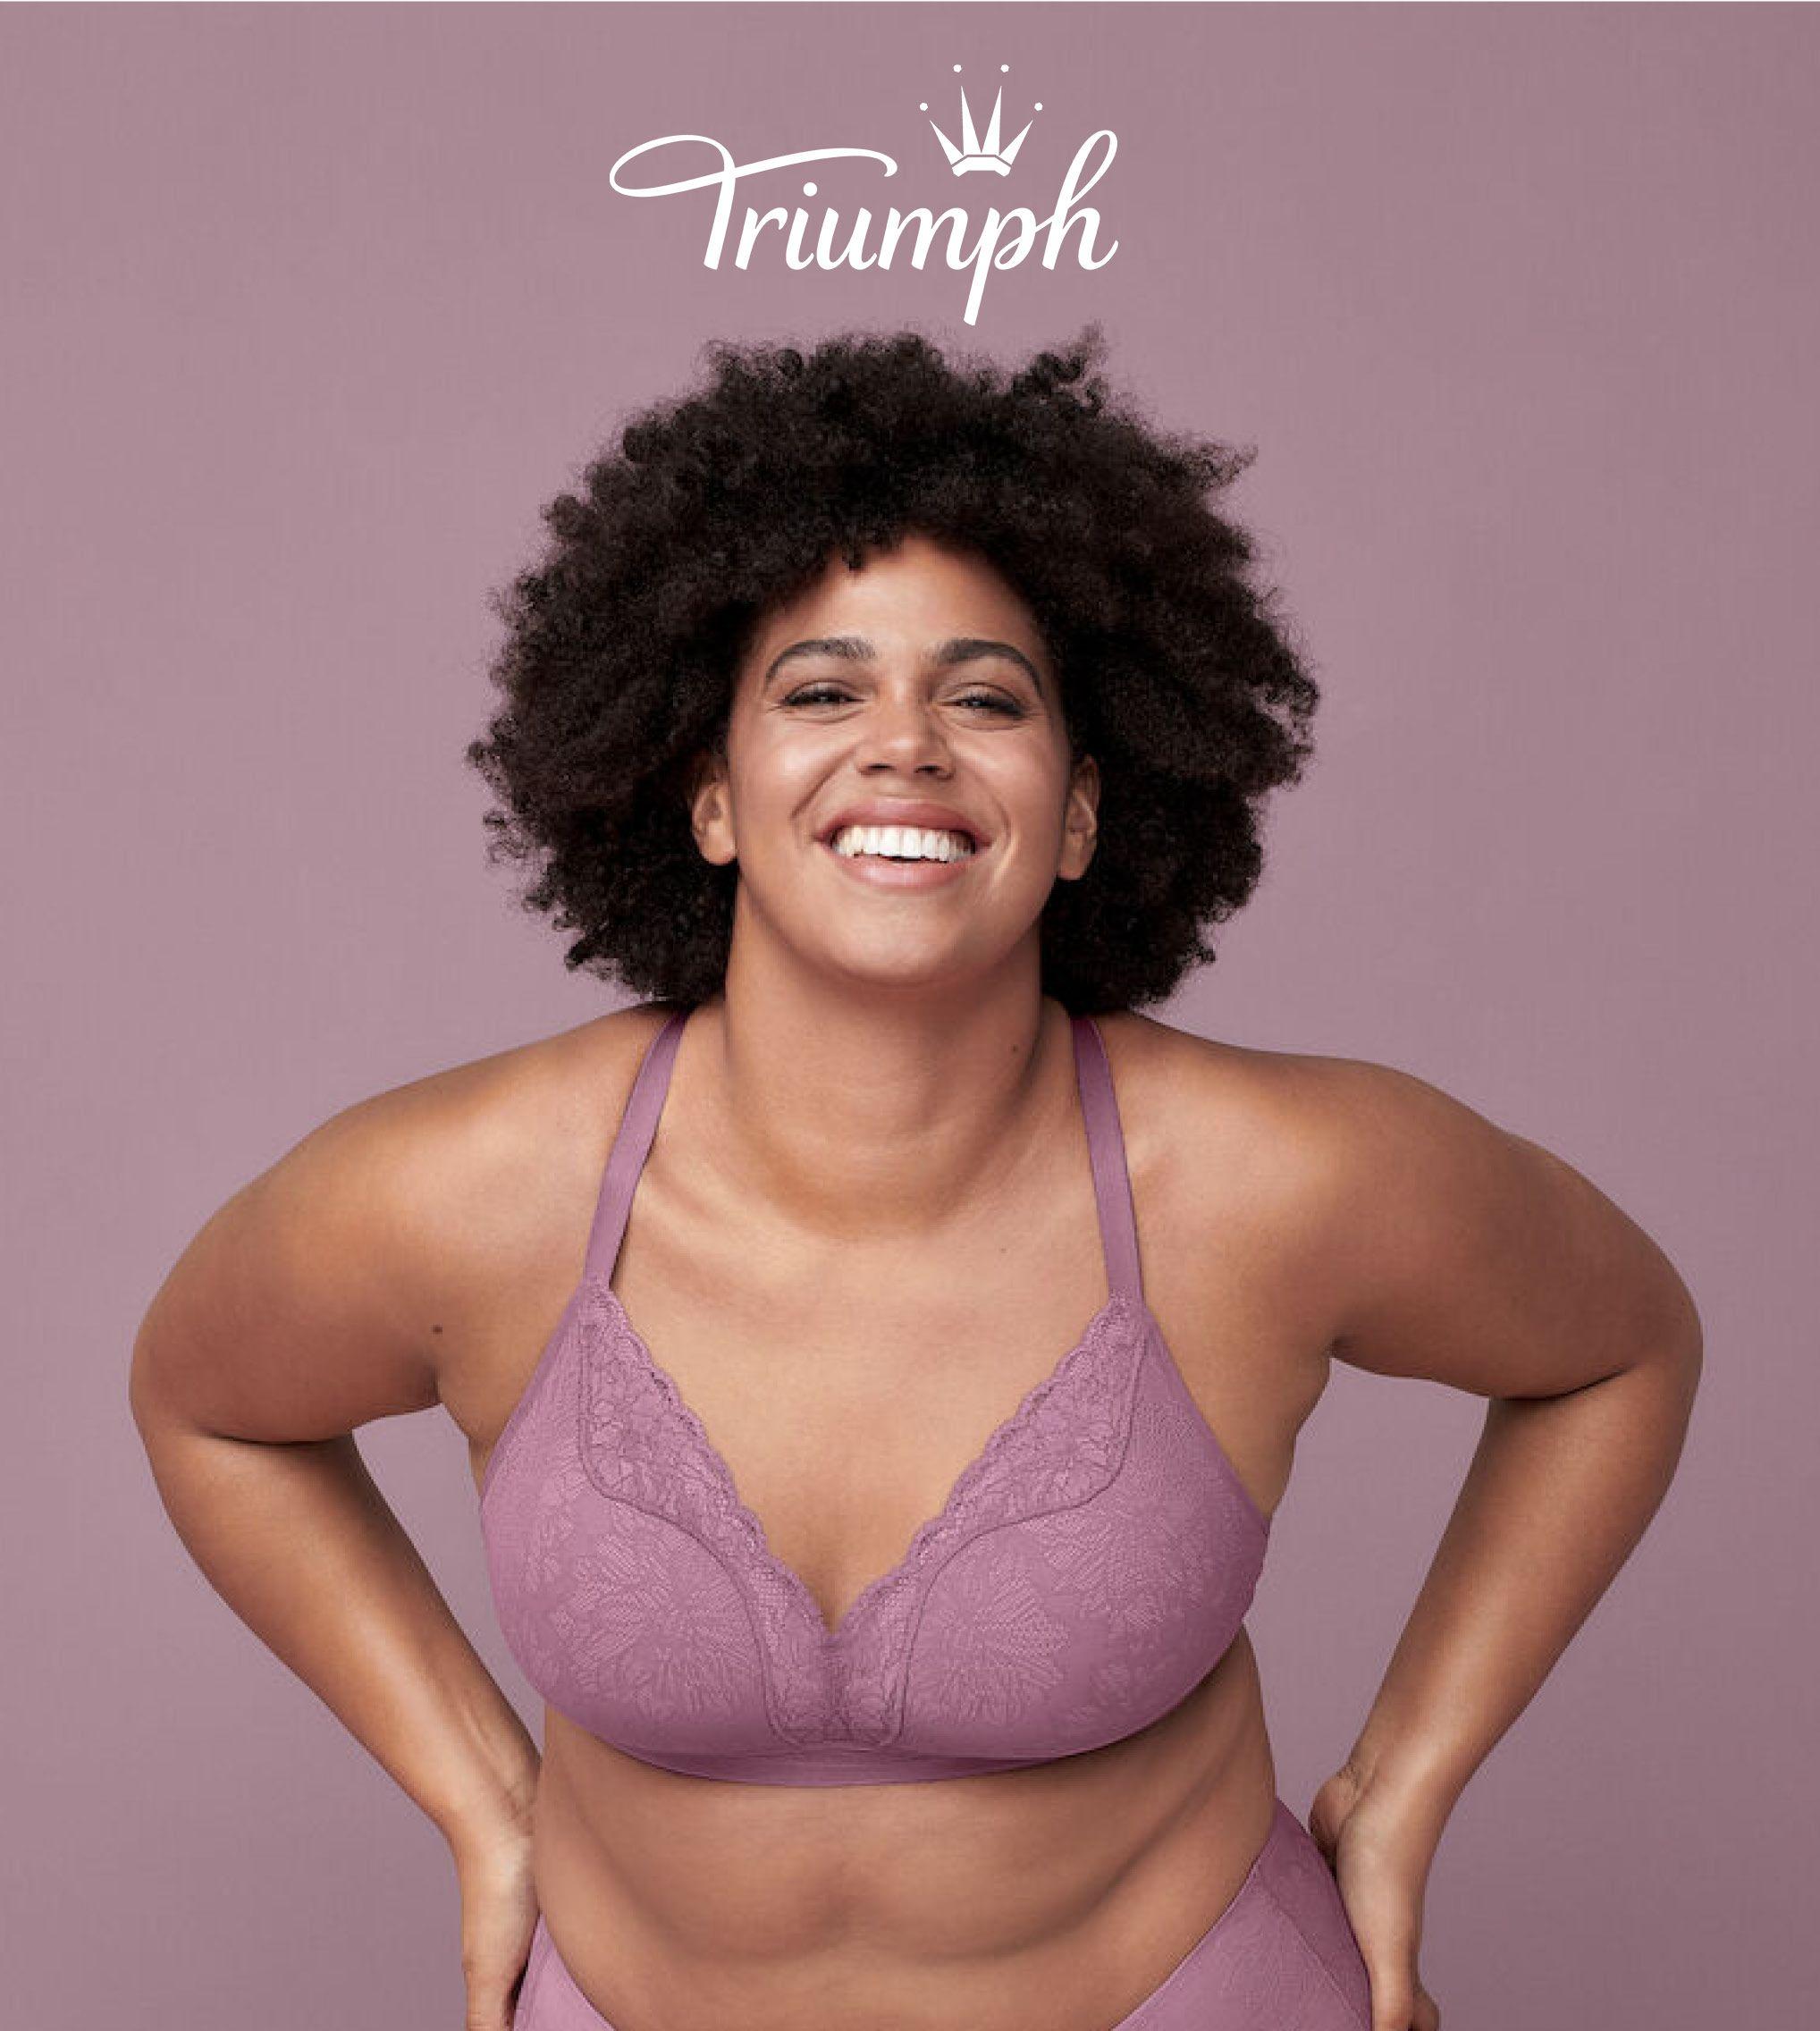 Triumph Lingerie – Love your change